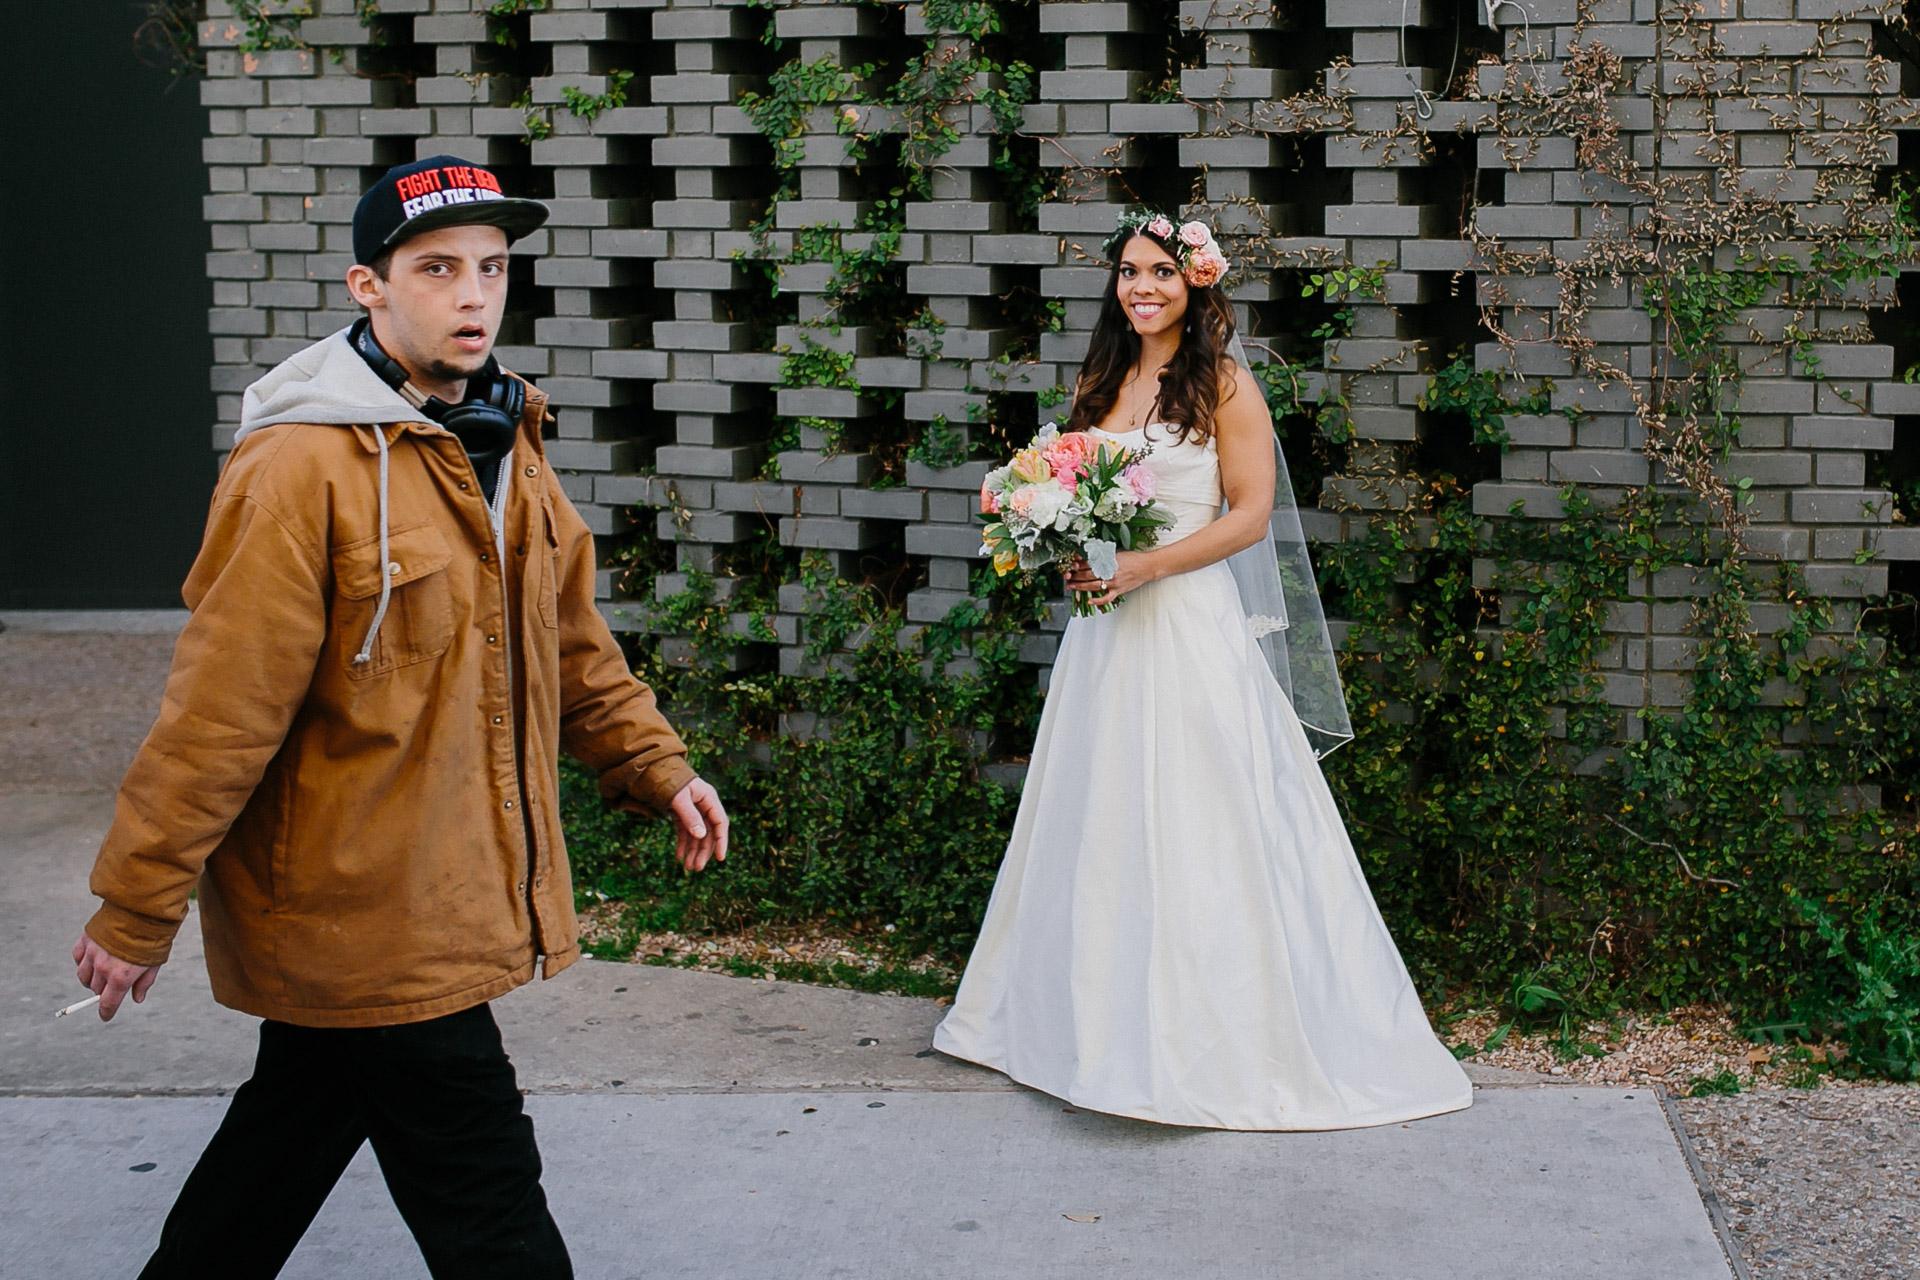 belmont bride portraits